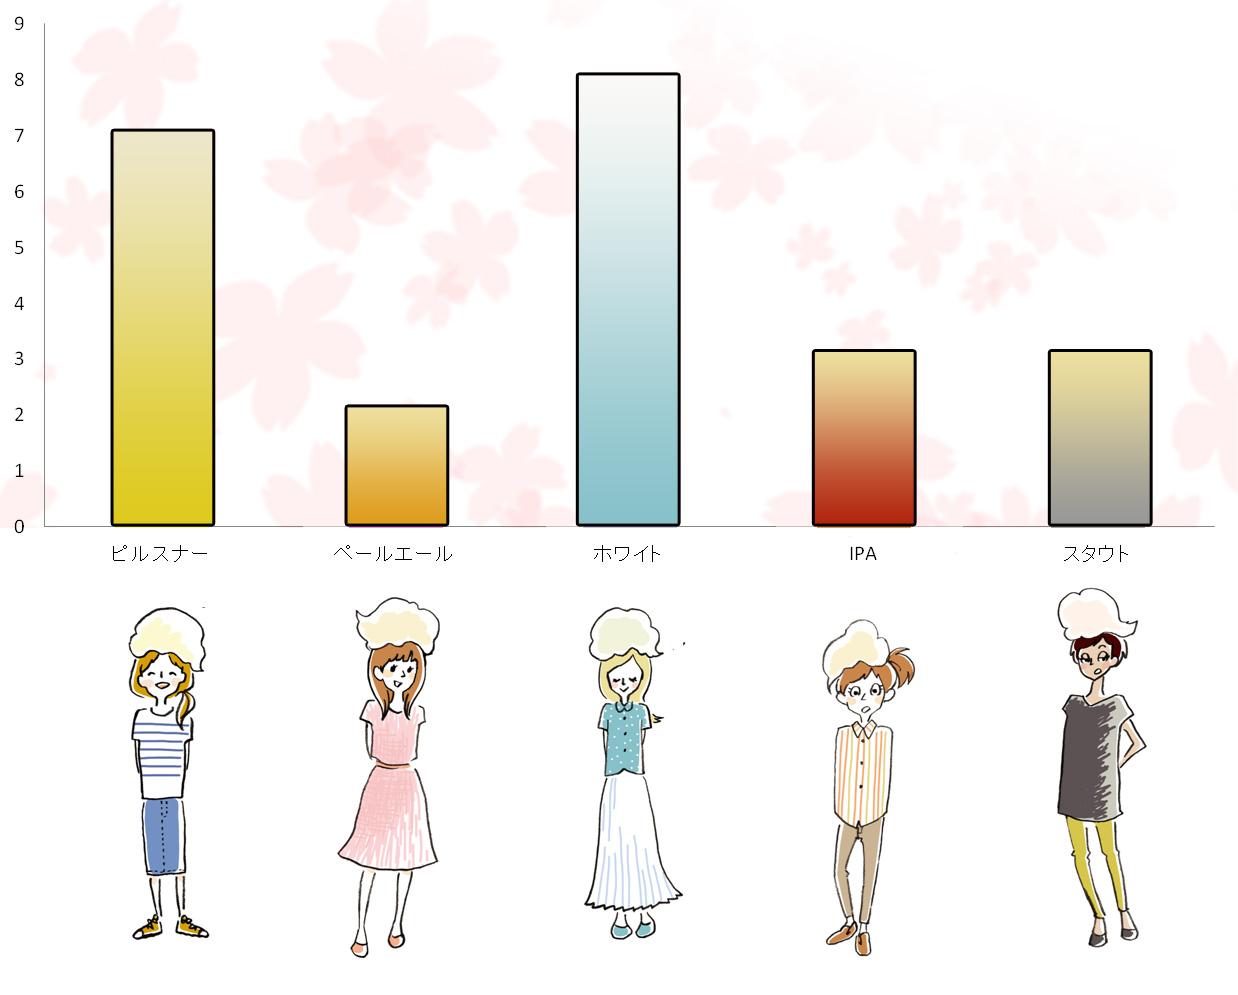 ビール女子キャラクターズ人気投票